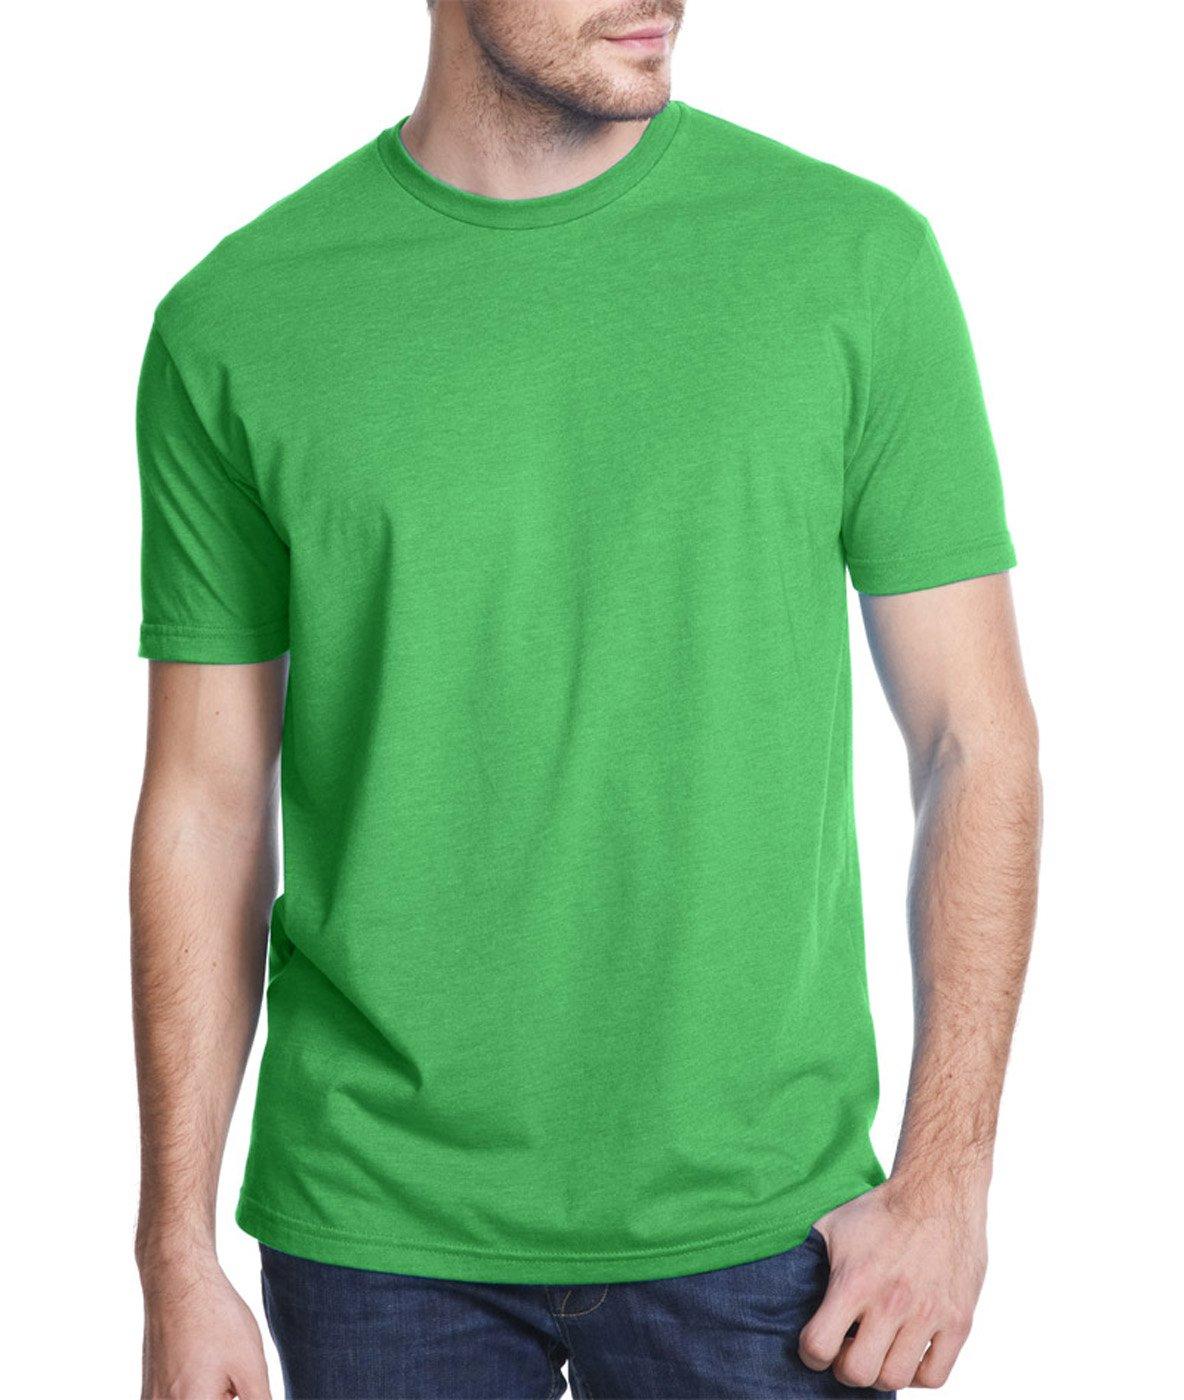 Next Level Apparel メンズ CVC クルーネック ジャージ Tシャツ B07D1CK8G6 XX-Large|Black + Kelly Green (2 Pack) Black + Kelly Green (2 Pack) XX-Large